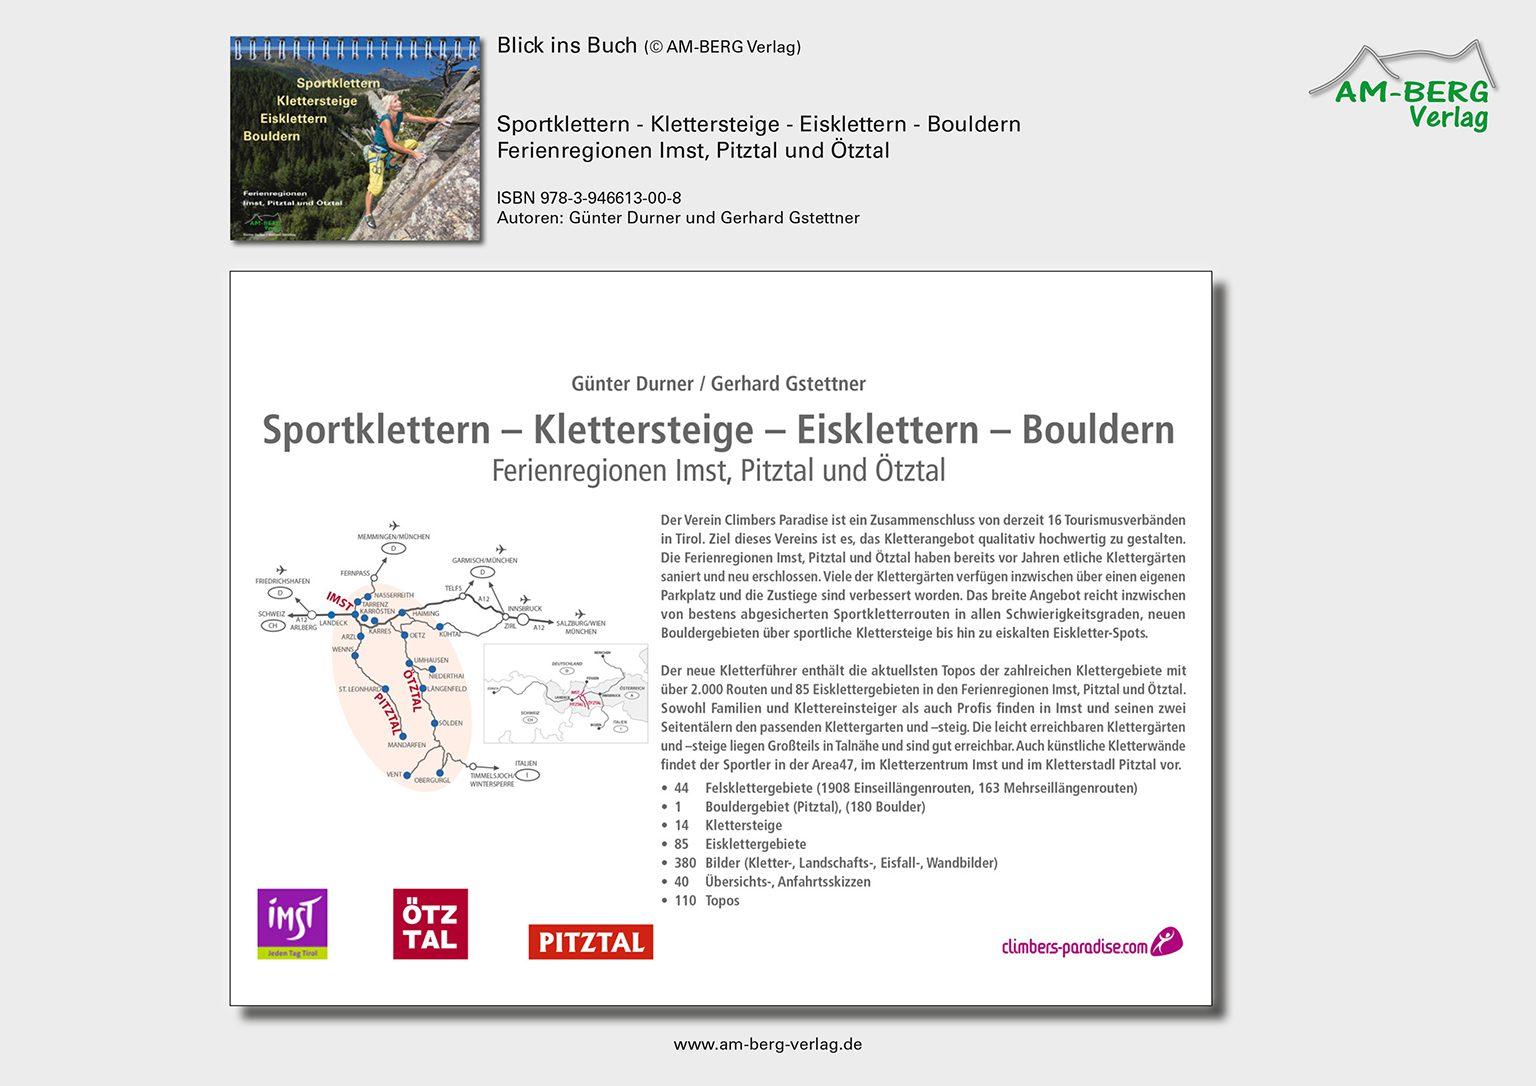 Sportklettern Imst-Pitztal-Ötztal_BlickinsBuch01